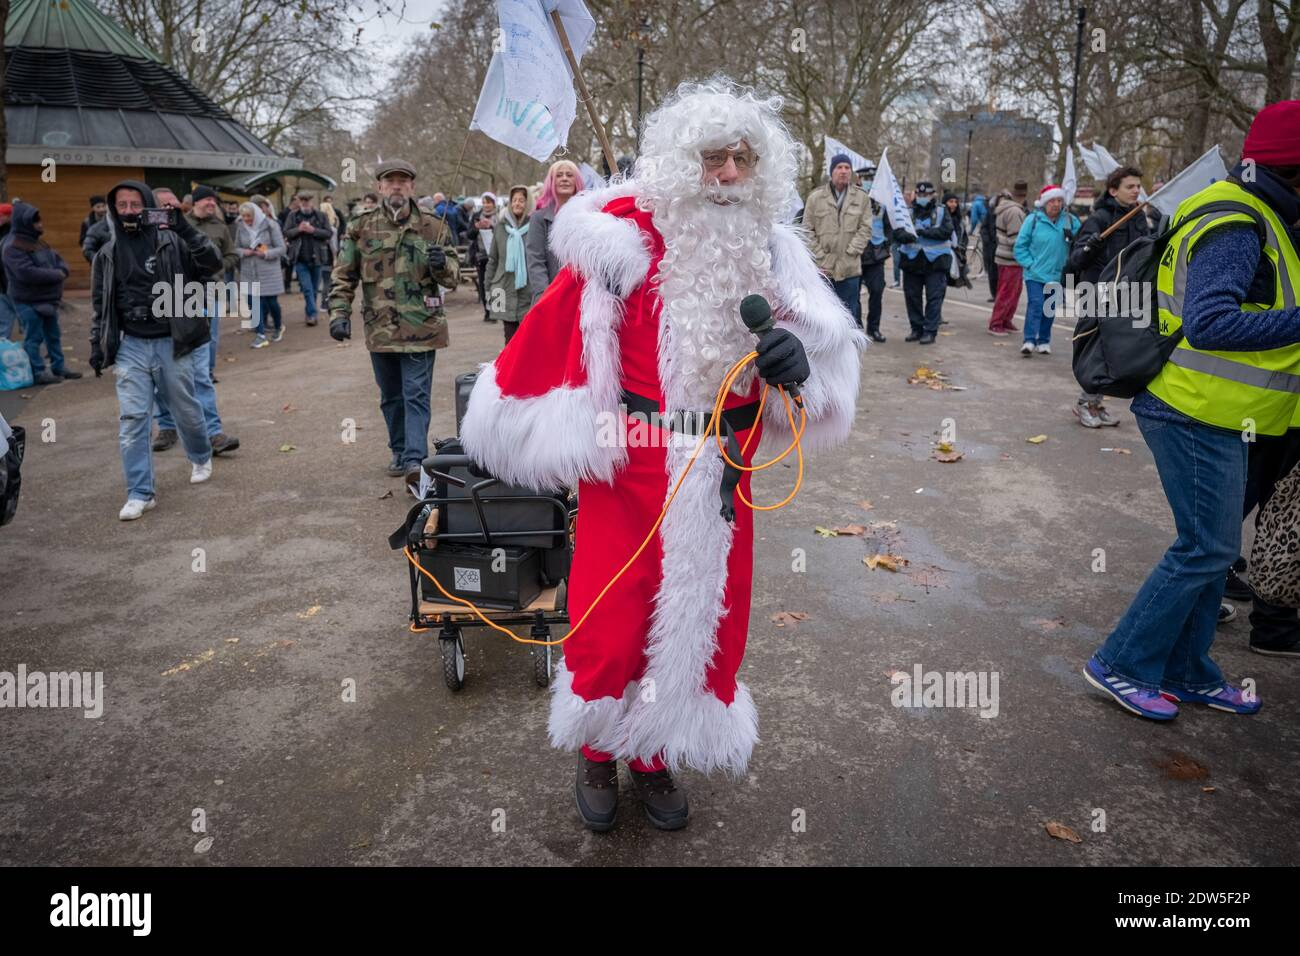 Coronavirus : manifestation anti-verrouillage de « la fête de Noël de la fête de Noël » à Speakers » Corner, Hyde Park, Londres, Royaume-Uni. Banque D'Images